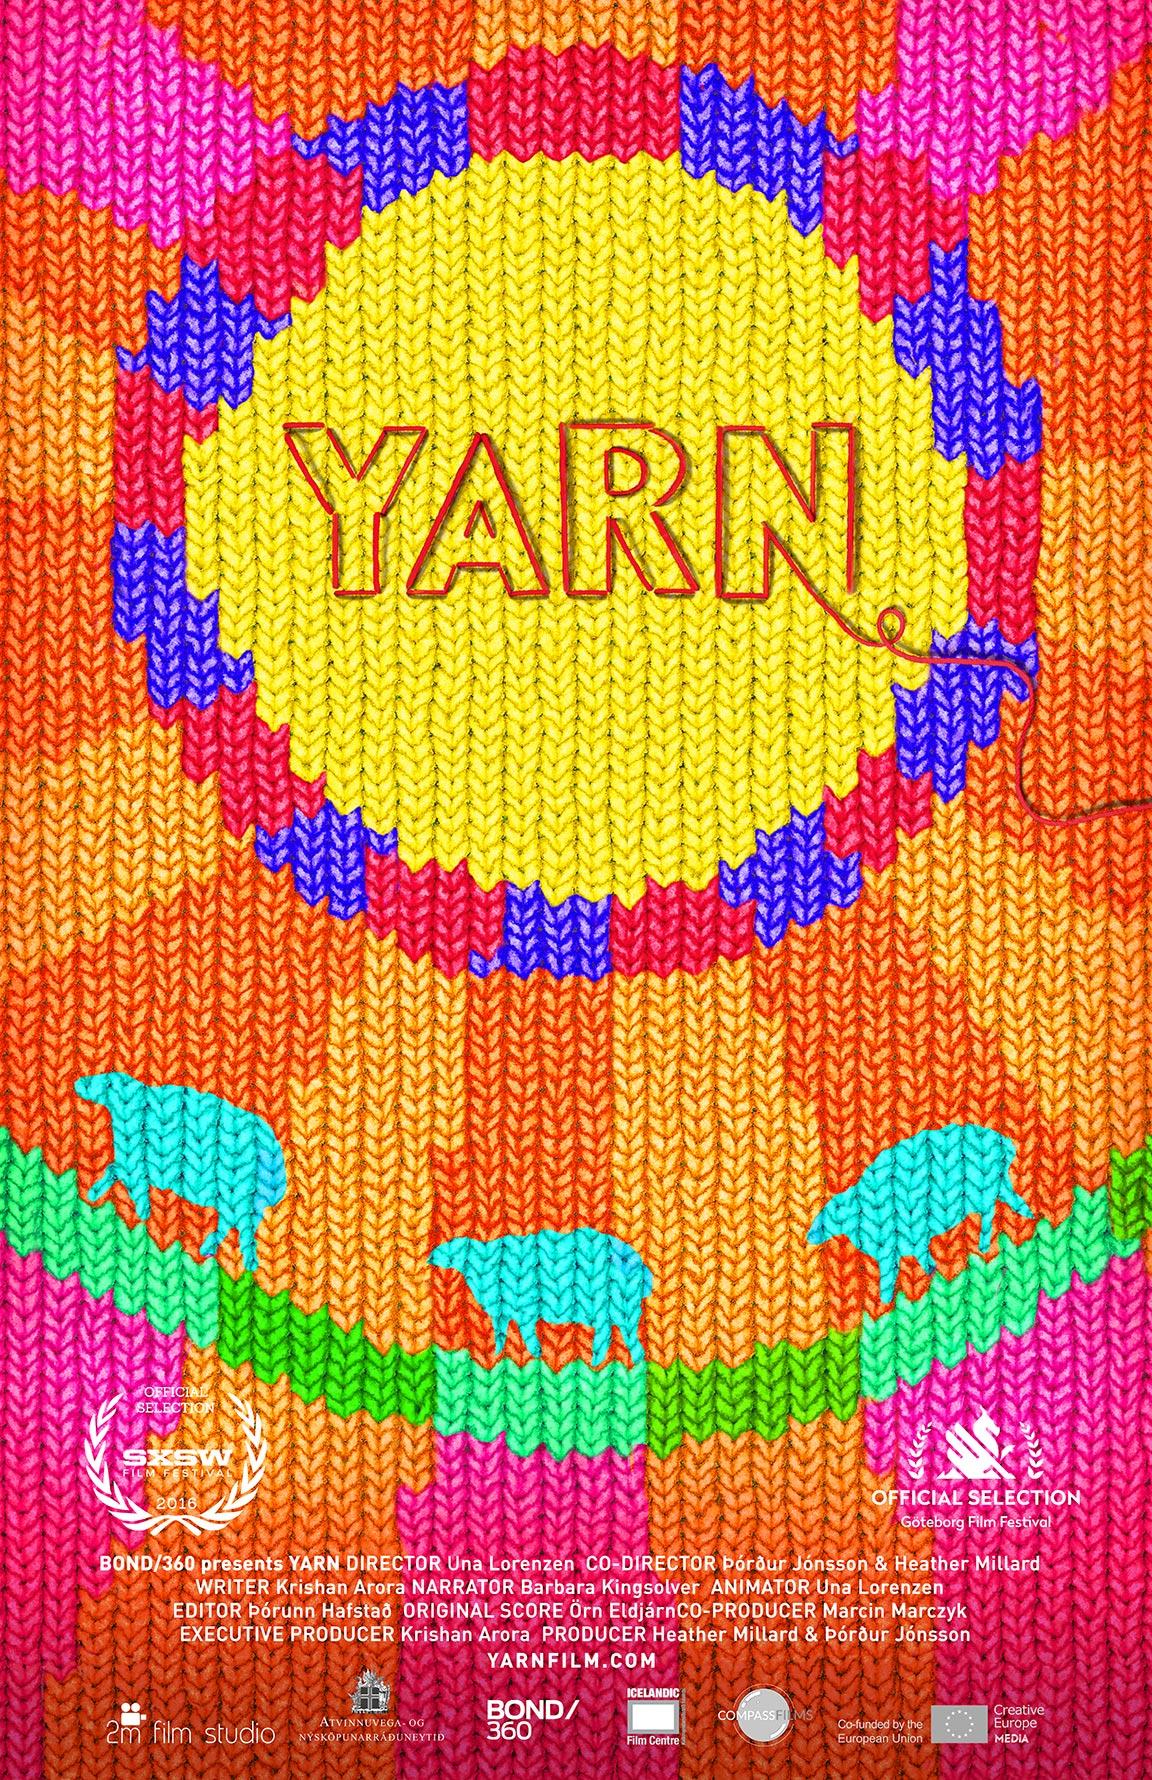 Yarn Poster #1